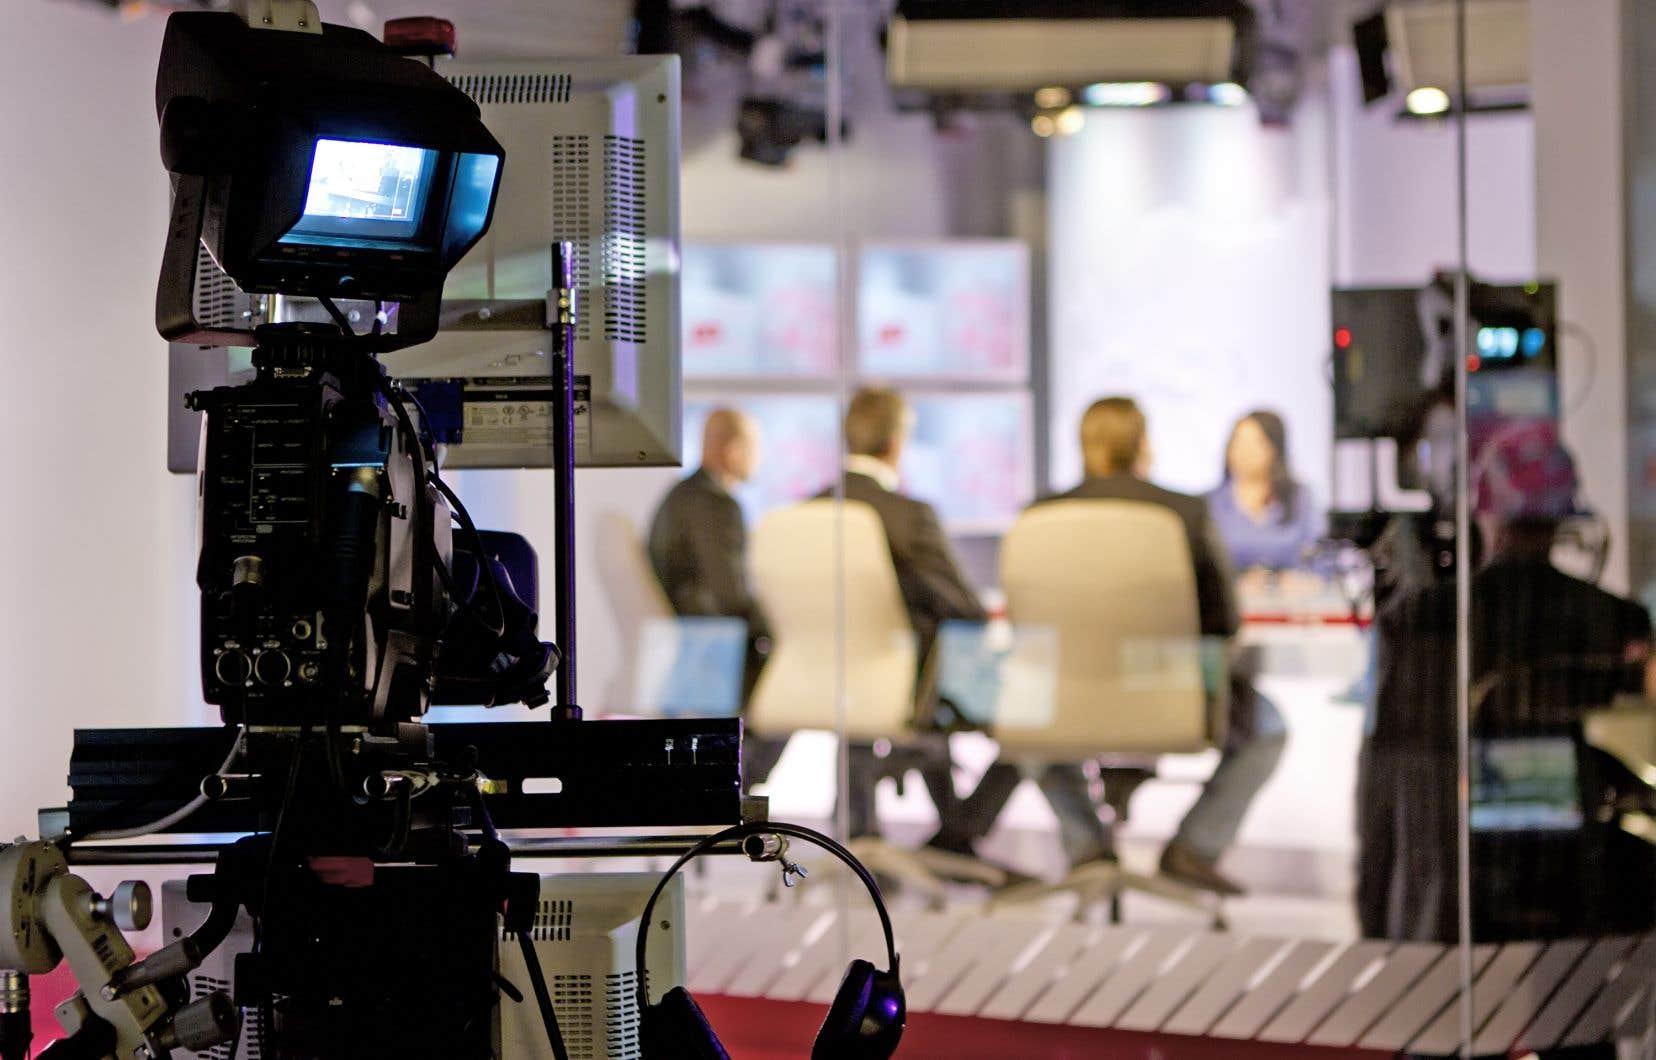 C'est l'ACTRA (Alliance of Canadian Cinema, Television and Radio Artists) qui a eu l'initiative de réunir ces organismes représentant les artisans de l'industrie.